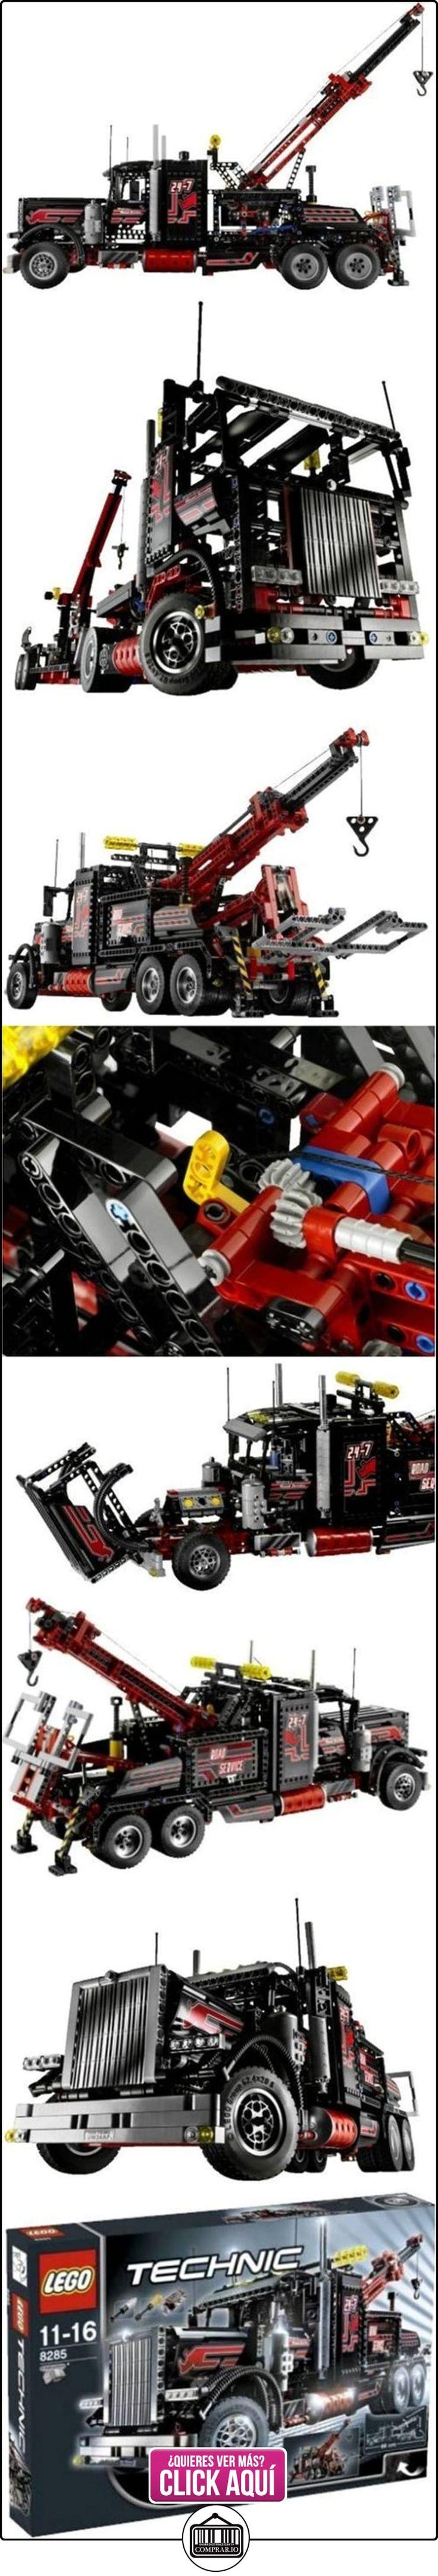 LEGO Technic 8285  ✿ Lego - el surtido más amplio ✿ ▬► Ver oferta: https://comprar.io/goto/B000EXH3Q2